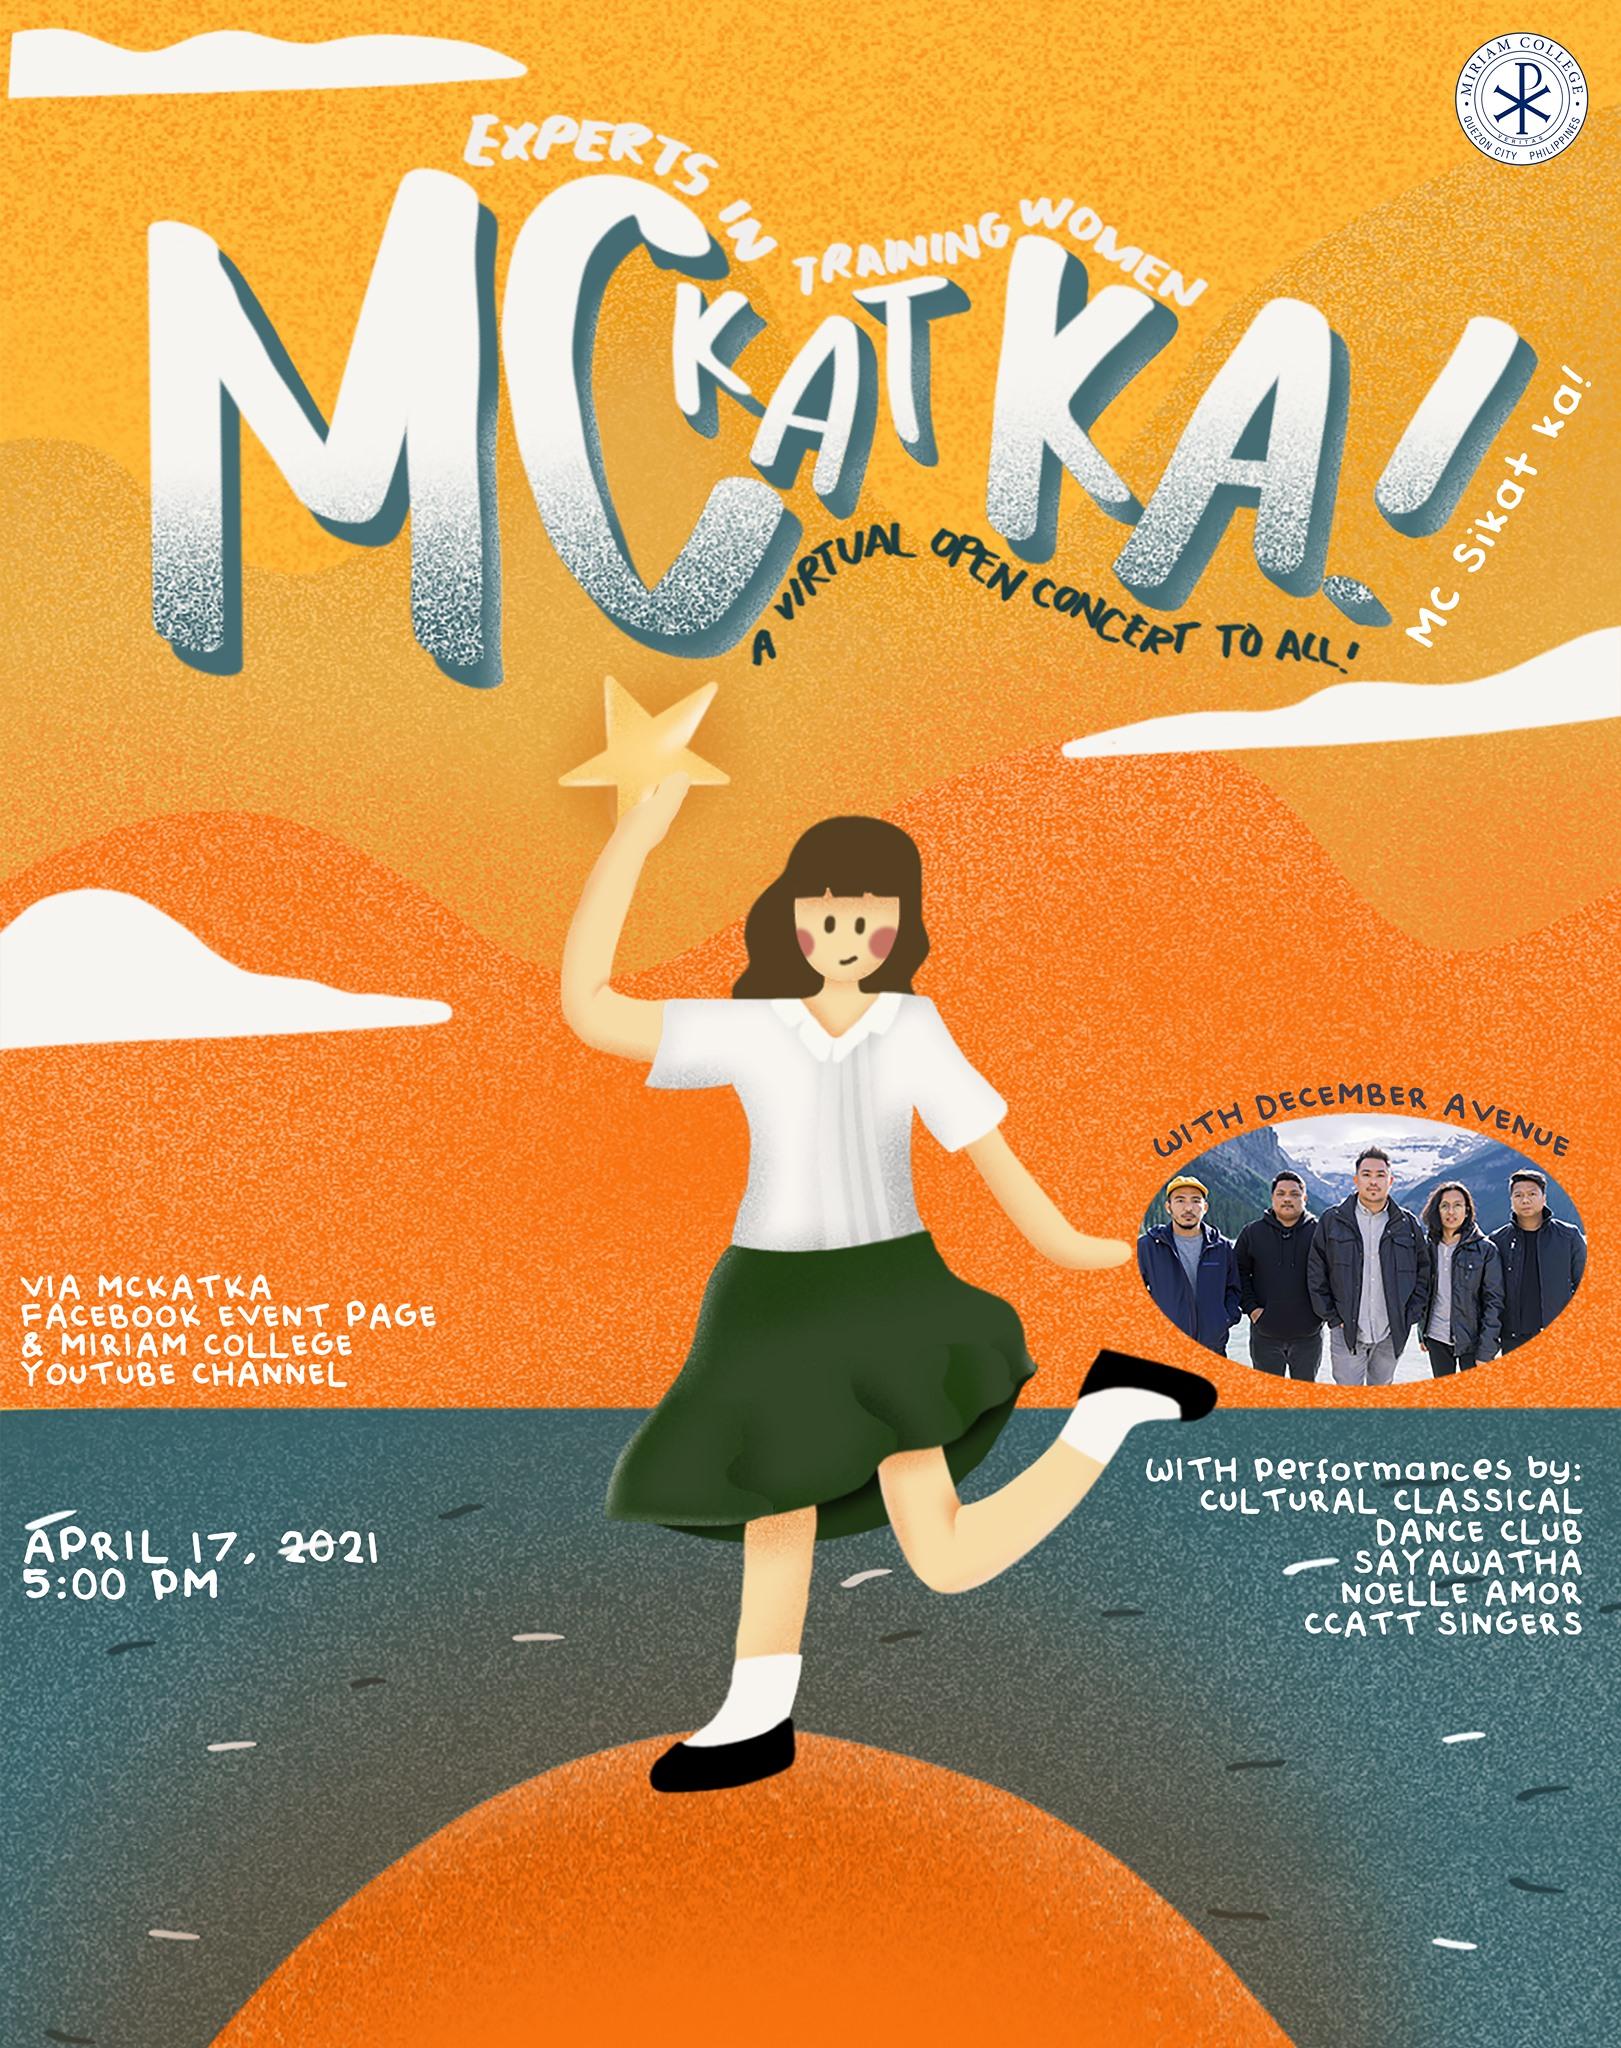 #MCKatKa Concert 2021